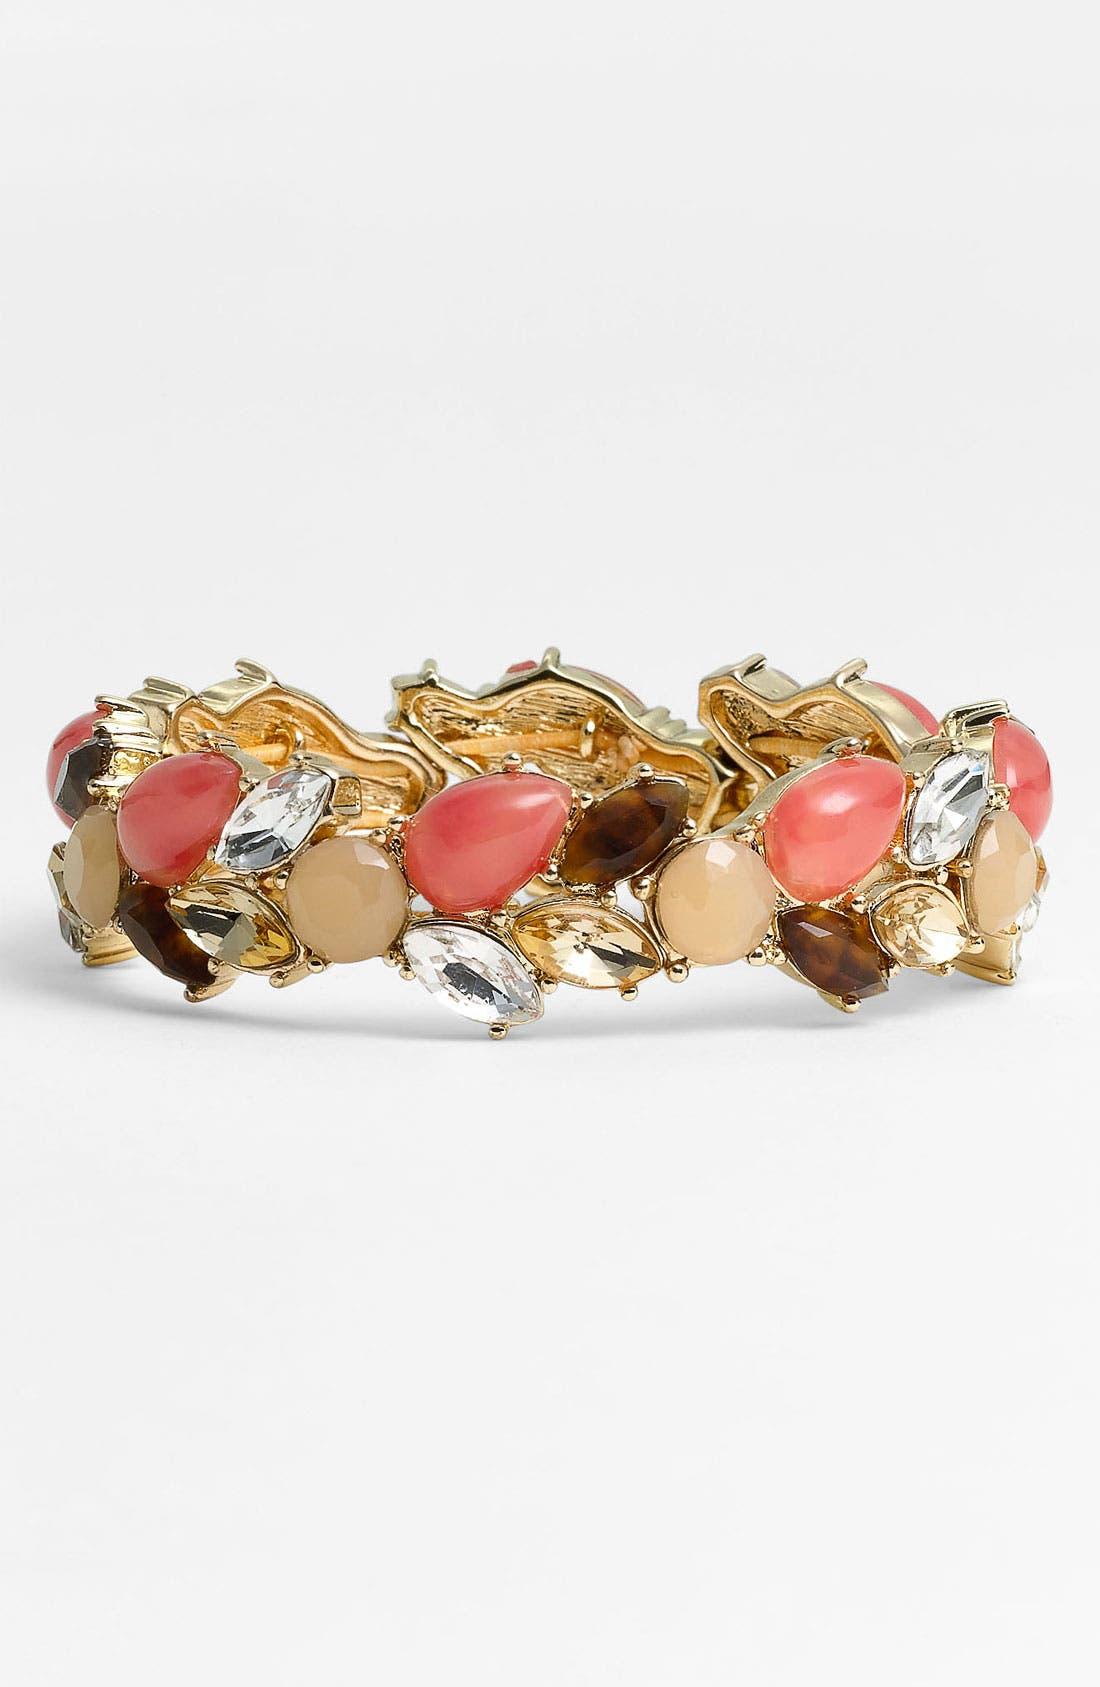 Alternate Image 1 Selected - Anne Klein 'Burst & Bloom' Stretch Bracelet